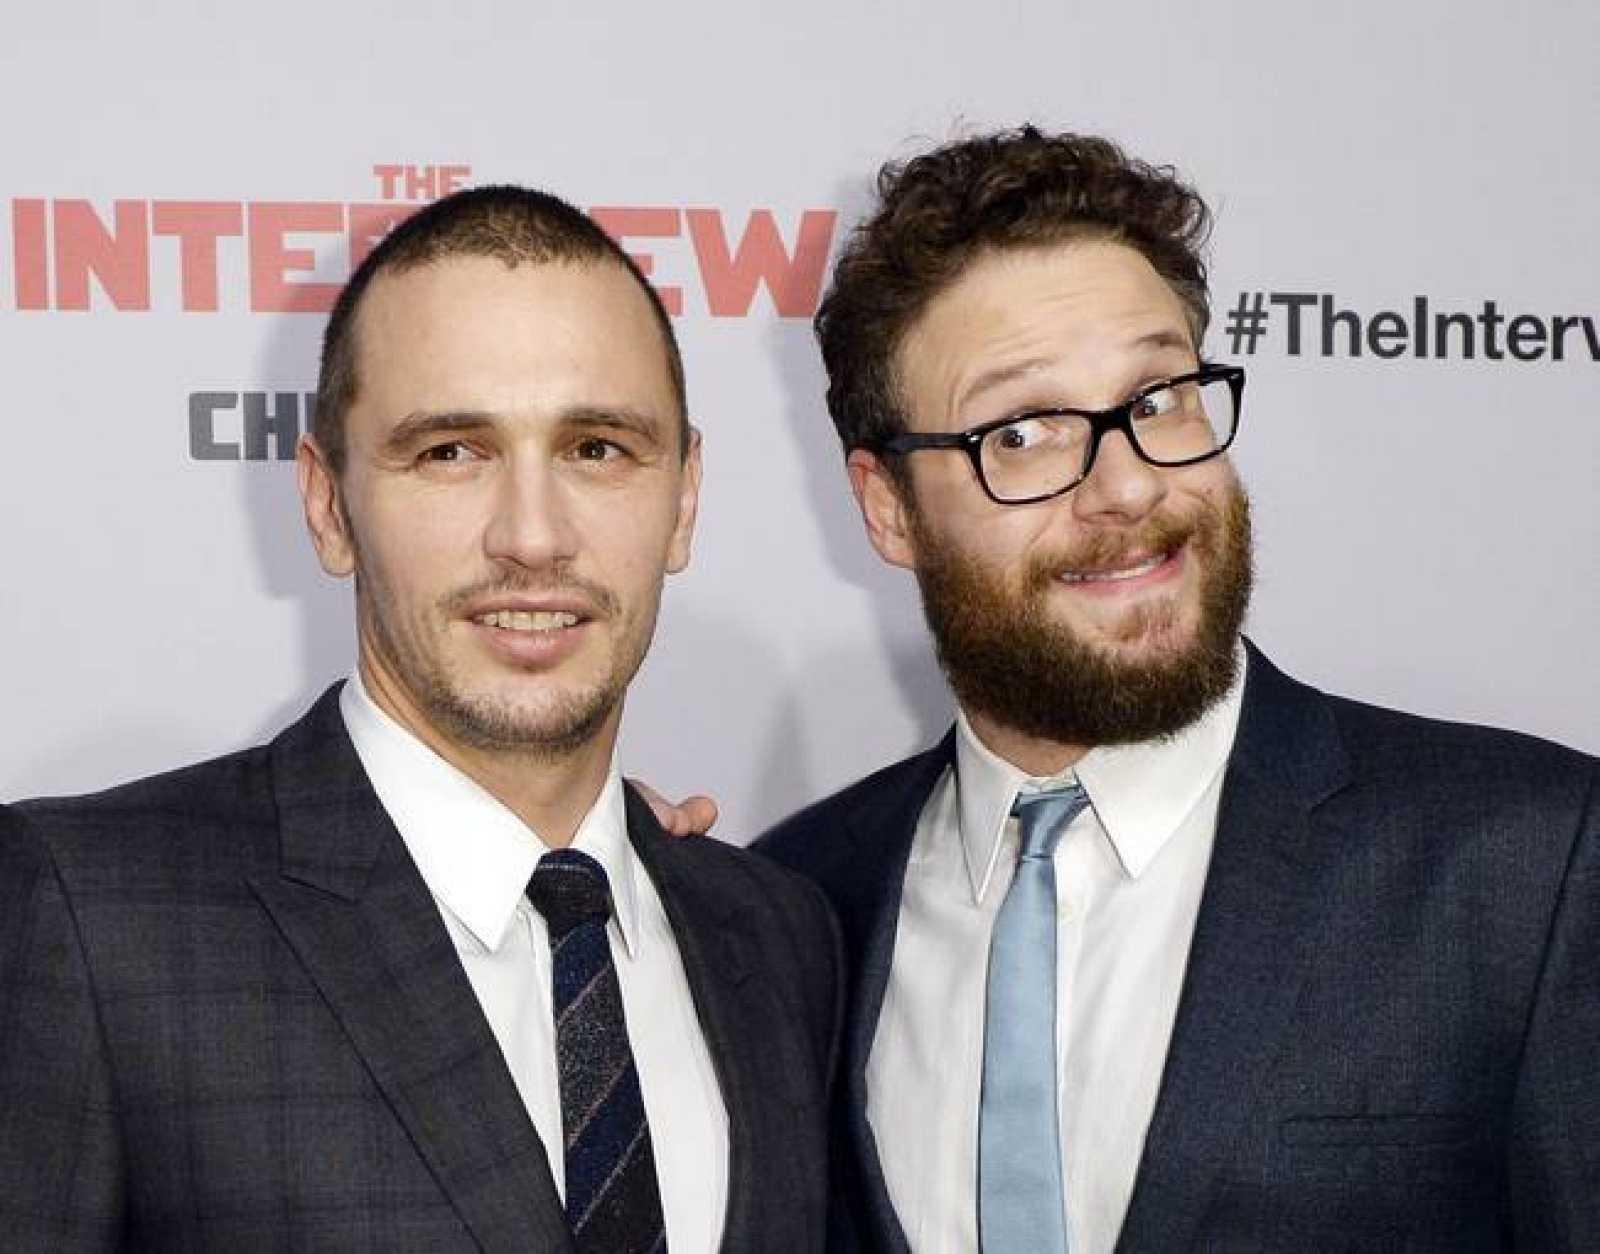 Los actores James Franco y Seth Rogers durante la premiere de 'The Interview' el pasado 11 de diciembre.